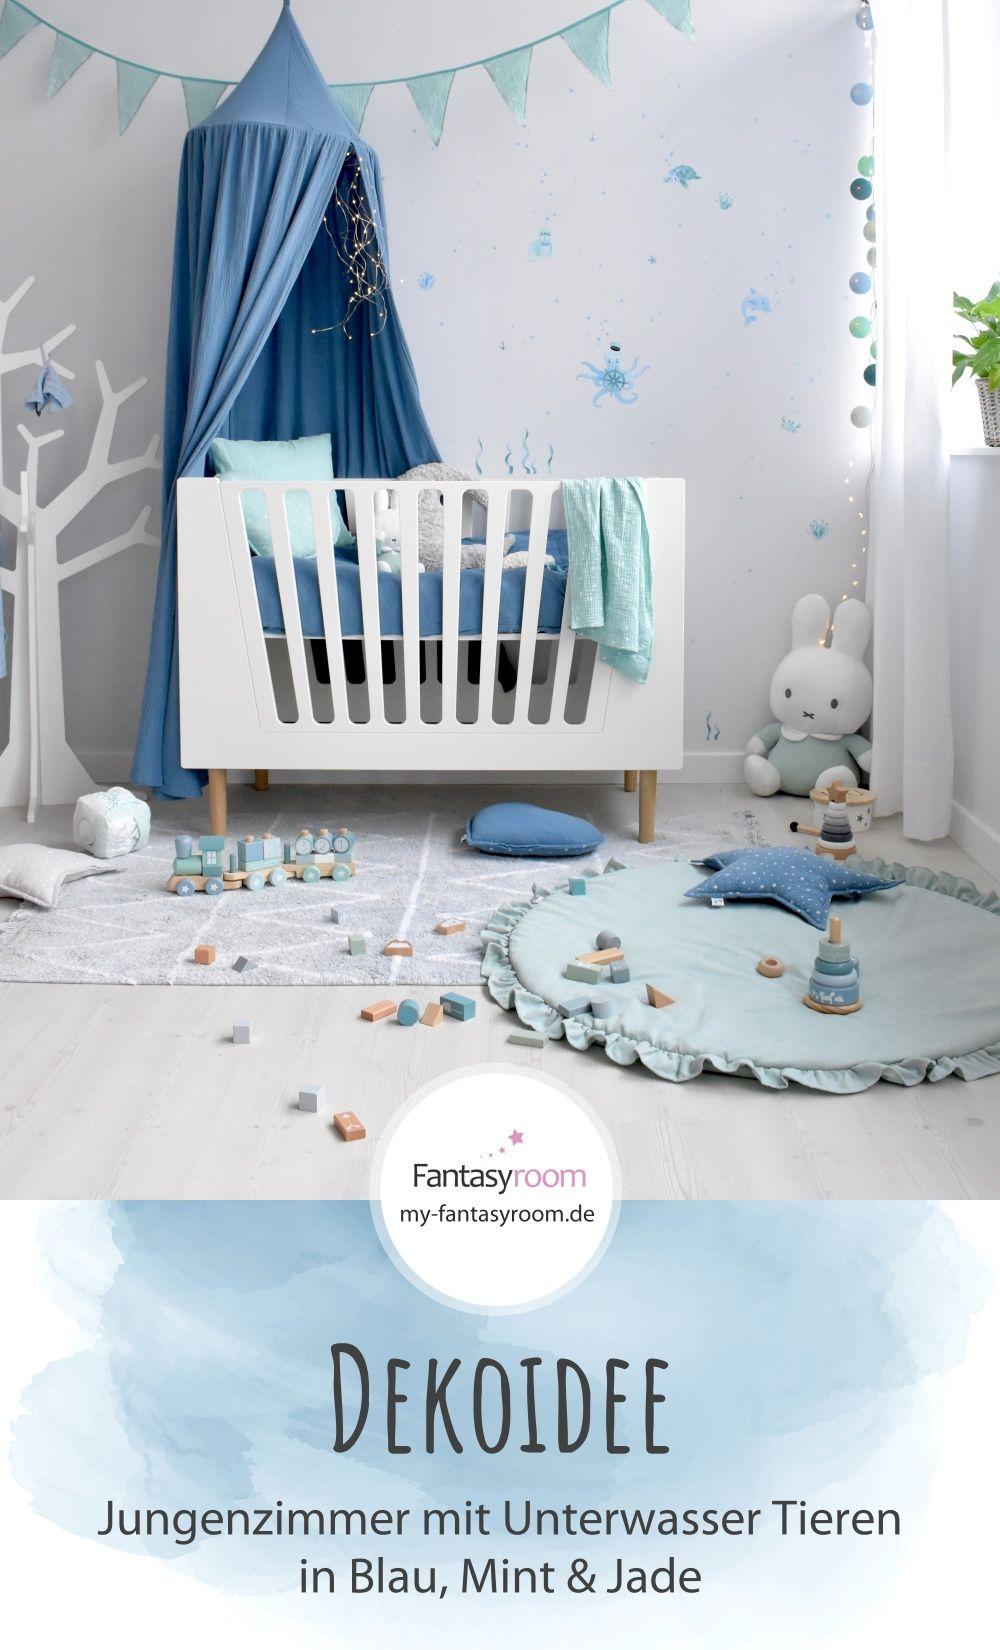 Jungenzimmer mit Unterwassertieren in Blau & Mint bei